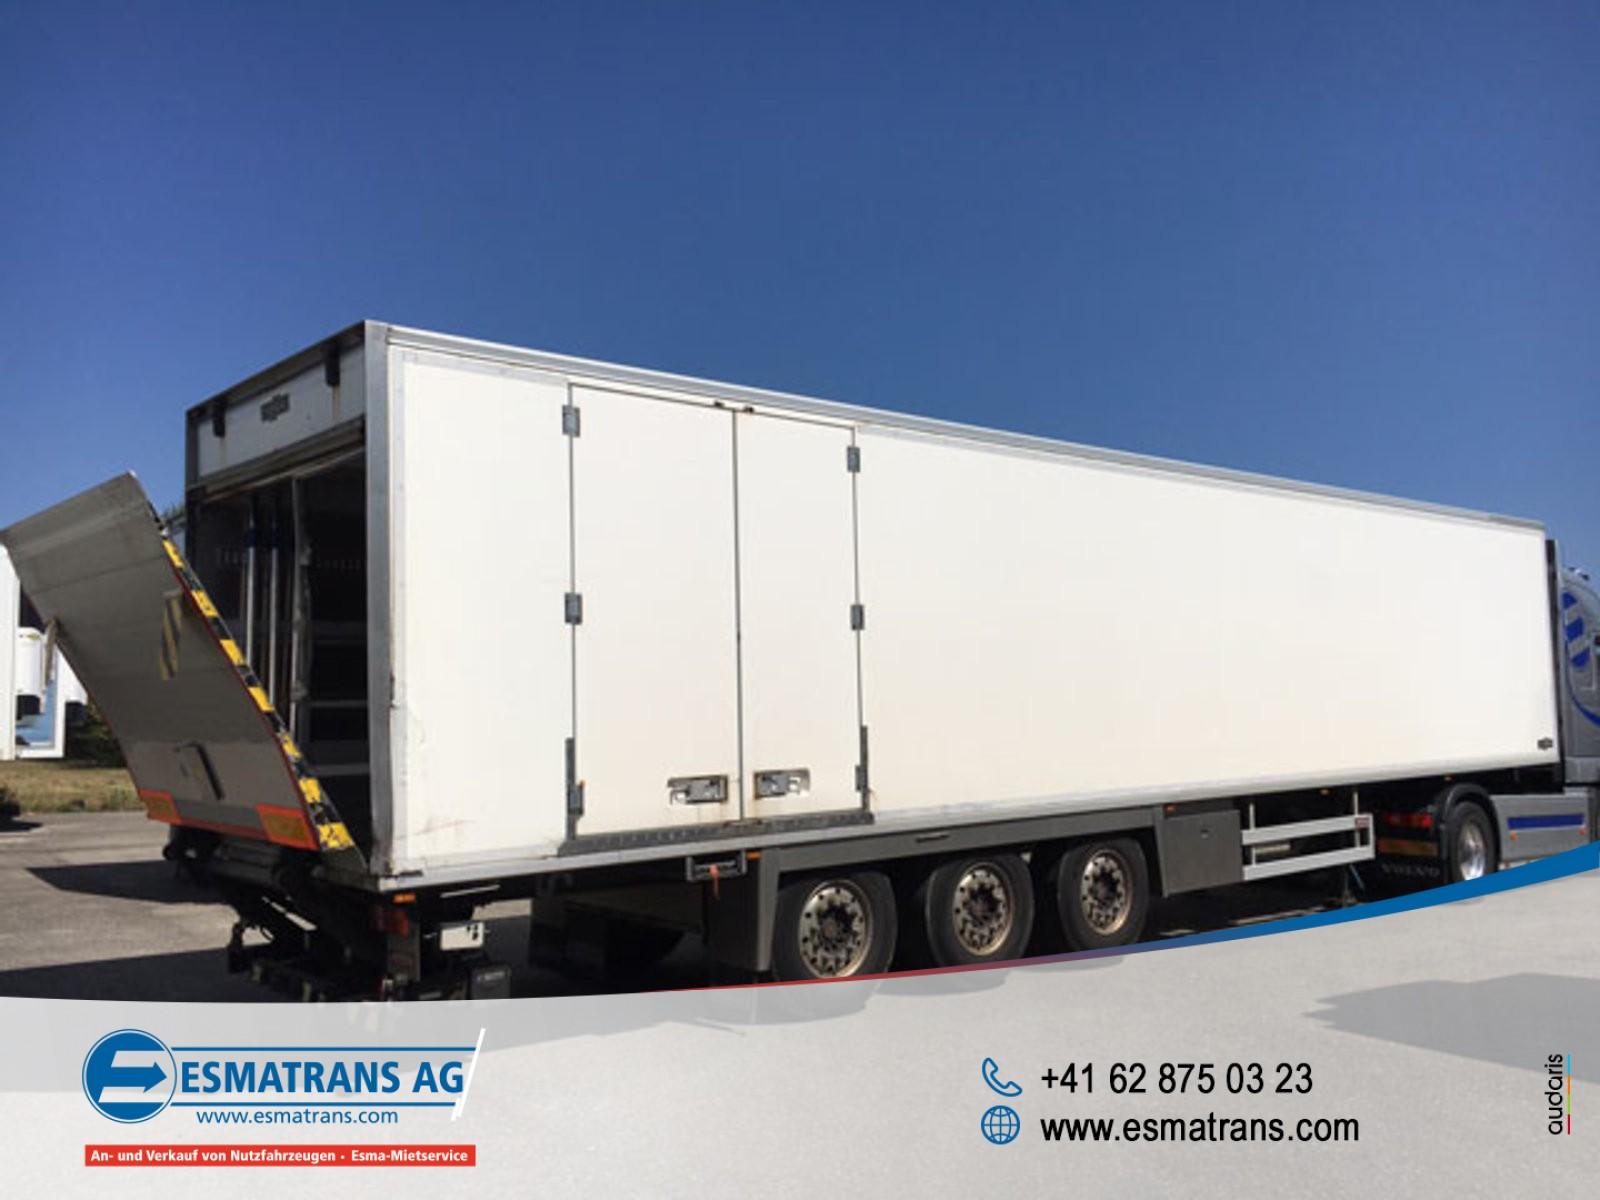 FRAN6306_882761 vehicle image